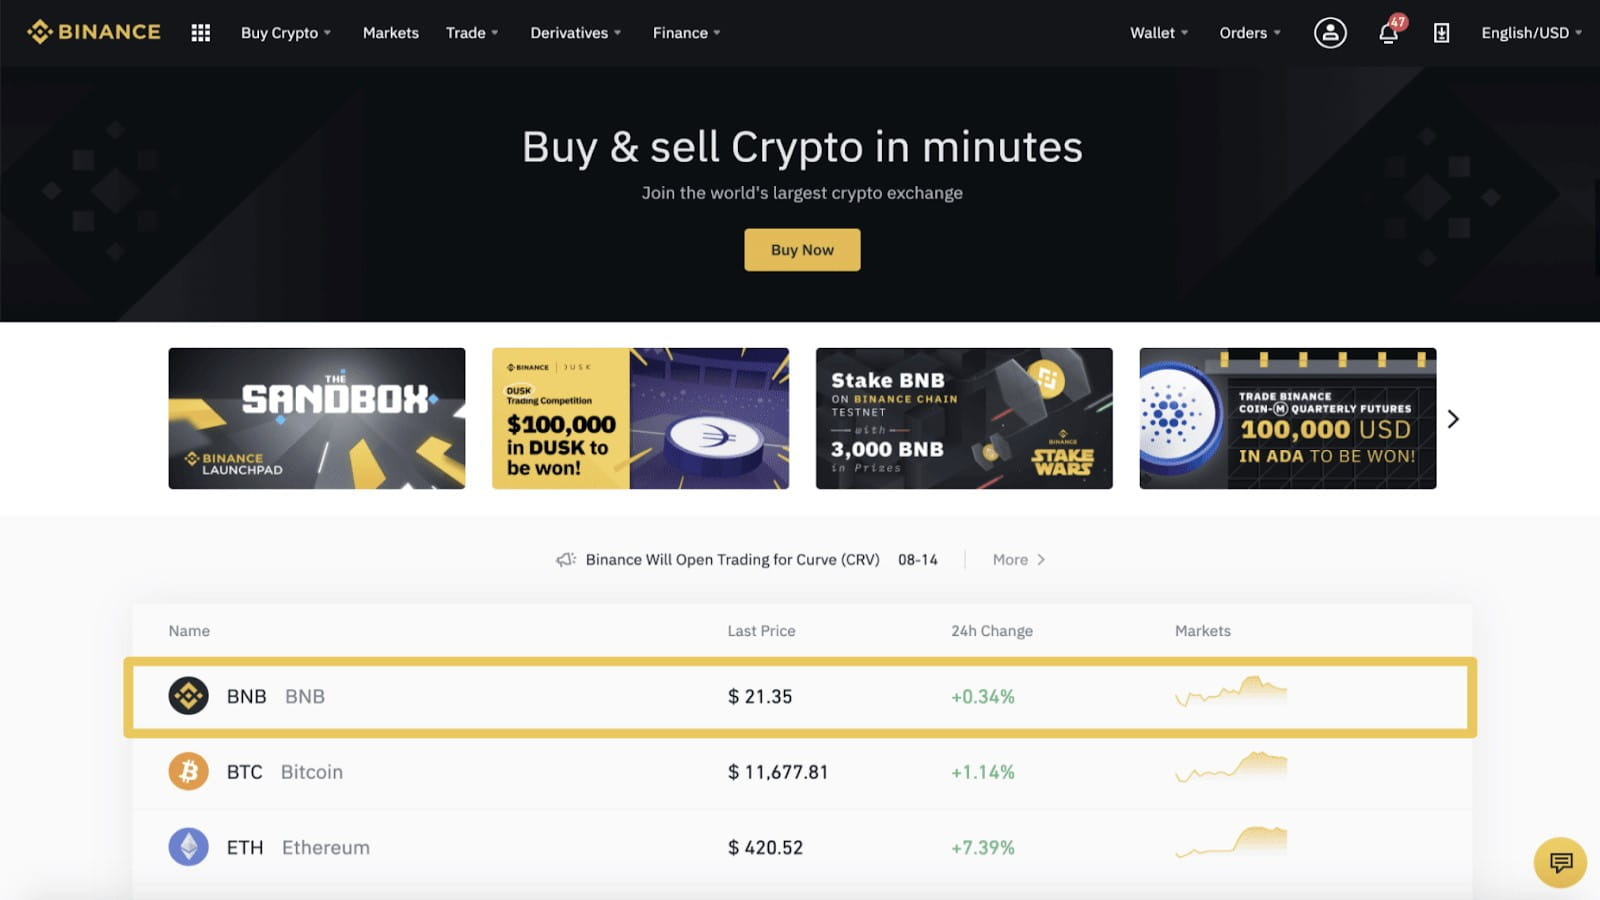 come il commercio bitcoin in binance)